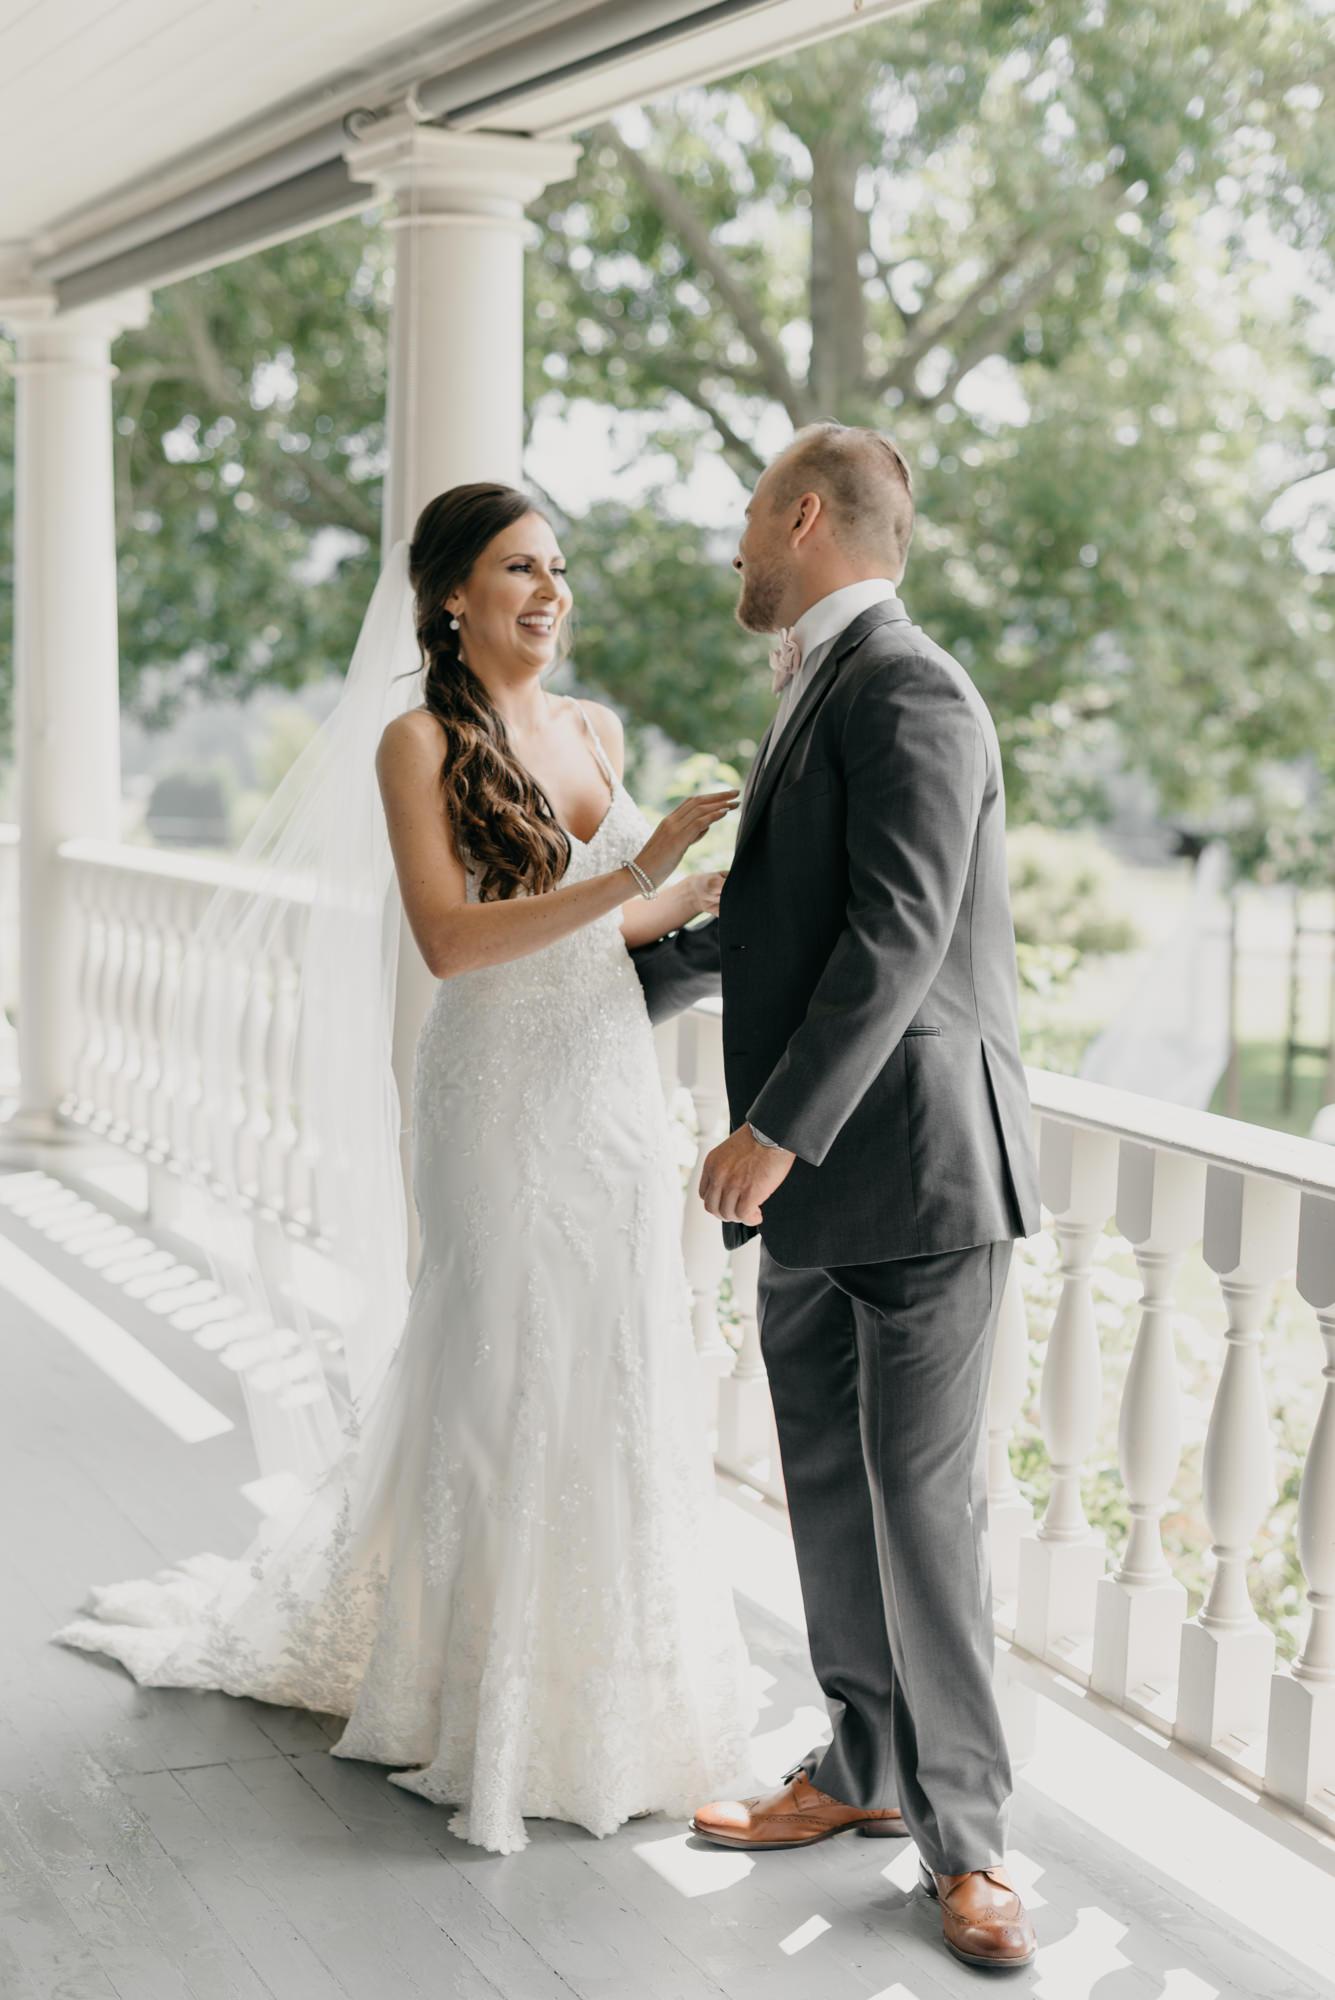 57-first-look-barn-kestrel-wedding-lake-oswego-wedding.jpg